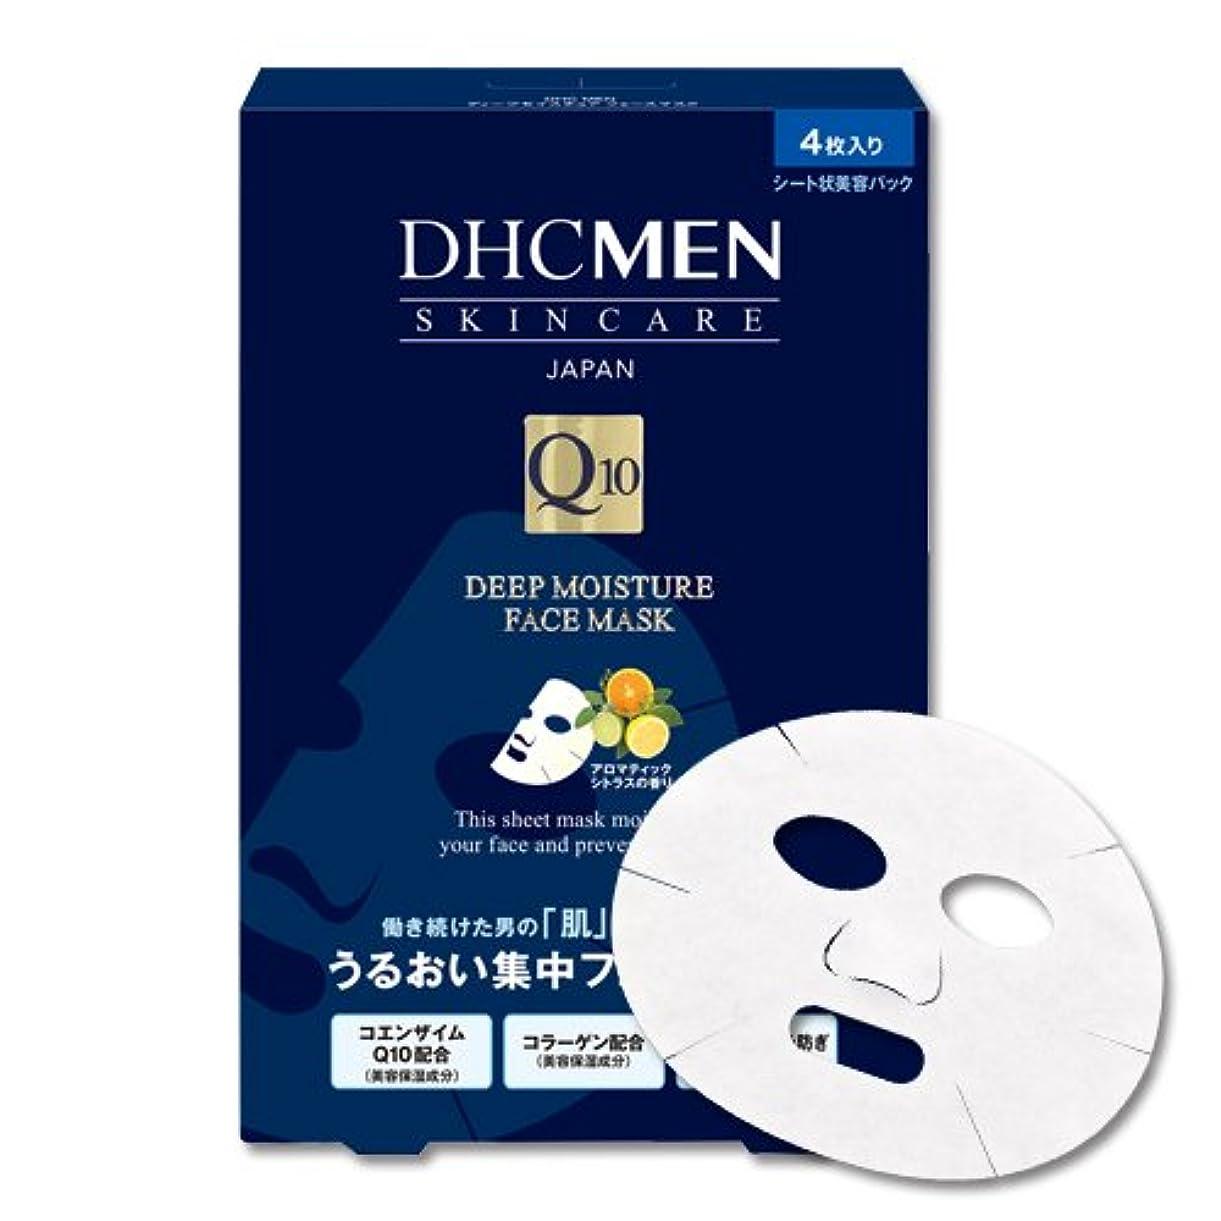 デッキ寺院高めるDHC MEN ディープモイスチュア フェースマスク